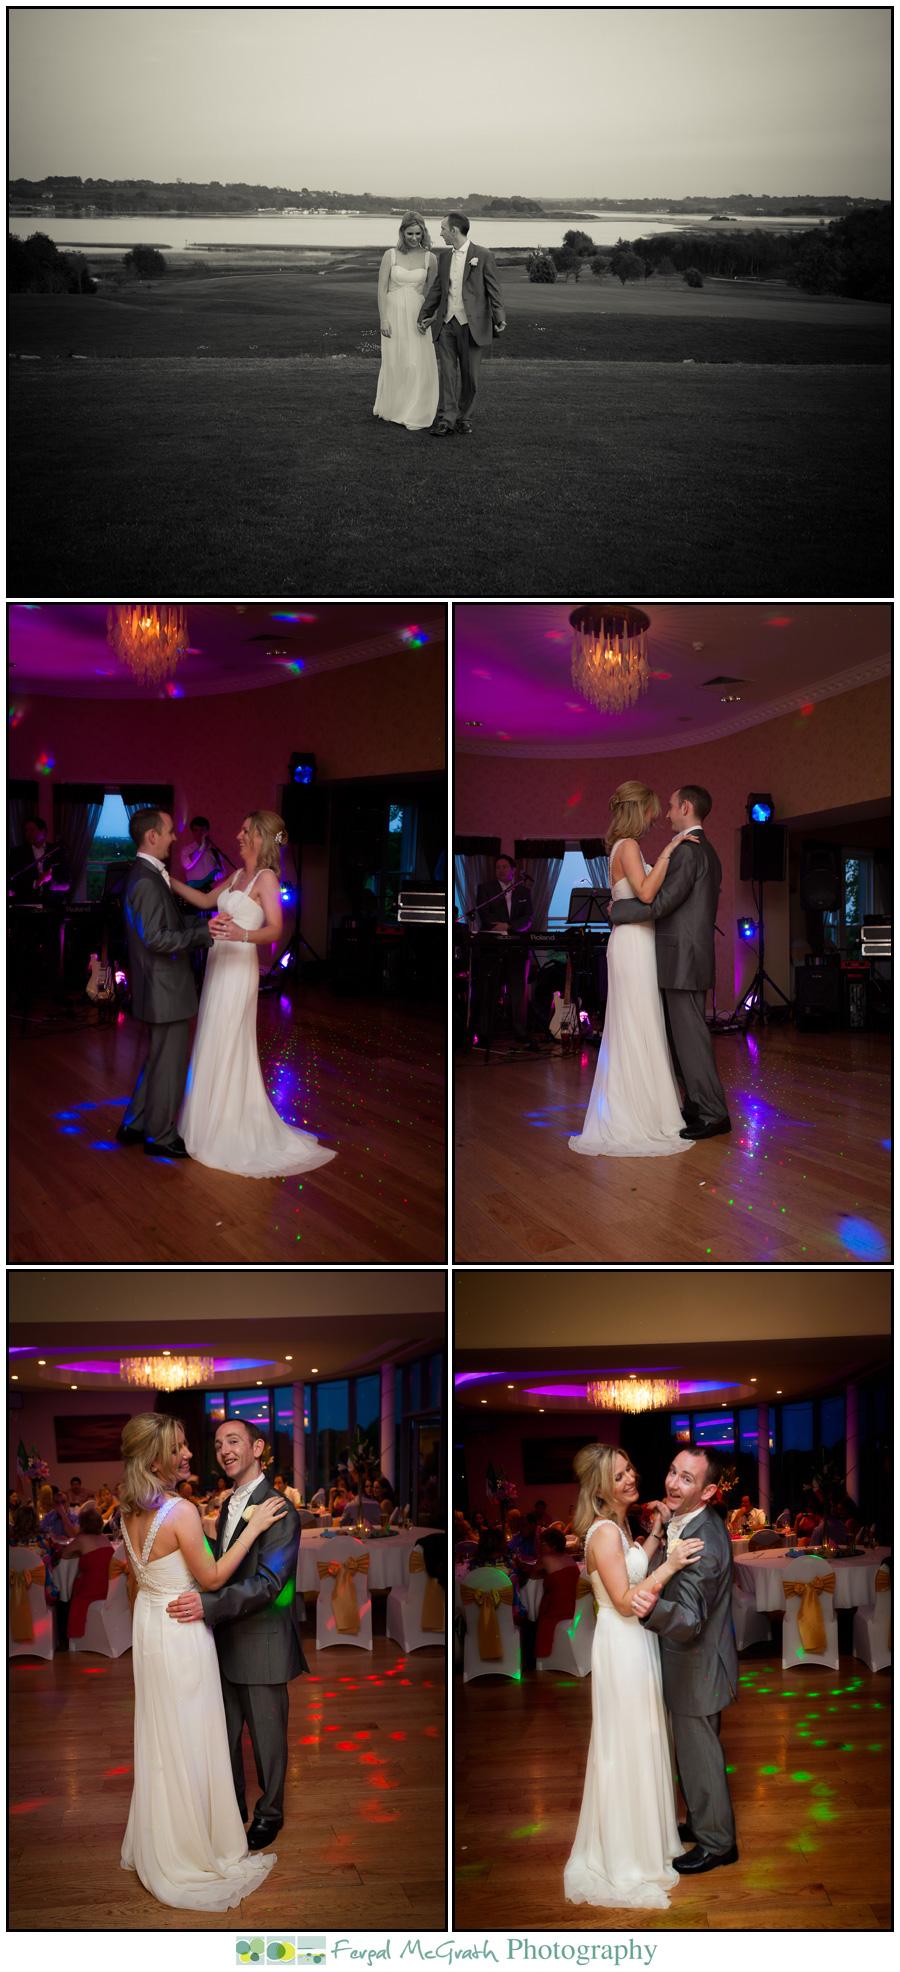 michelle butler and stephen gallagher wedding athlone 2012